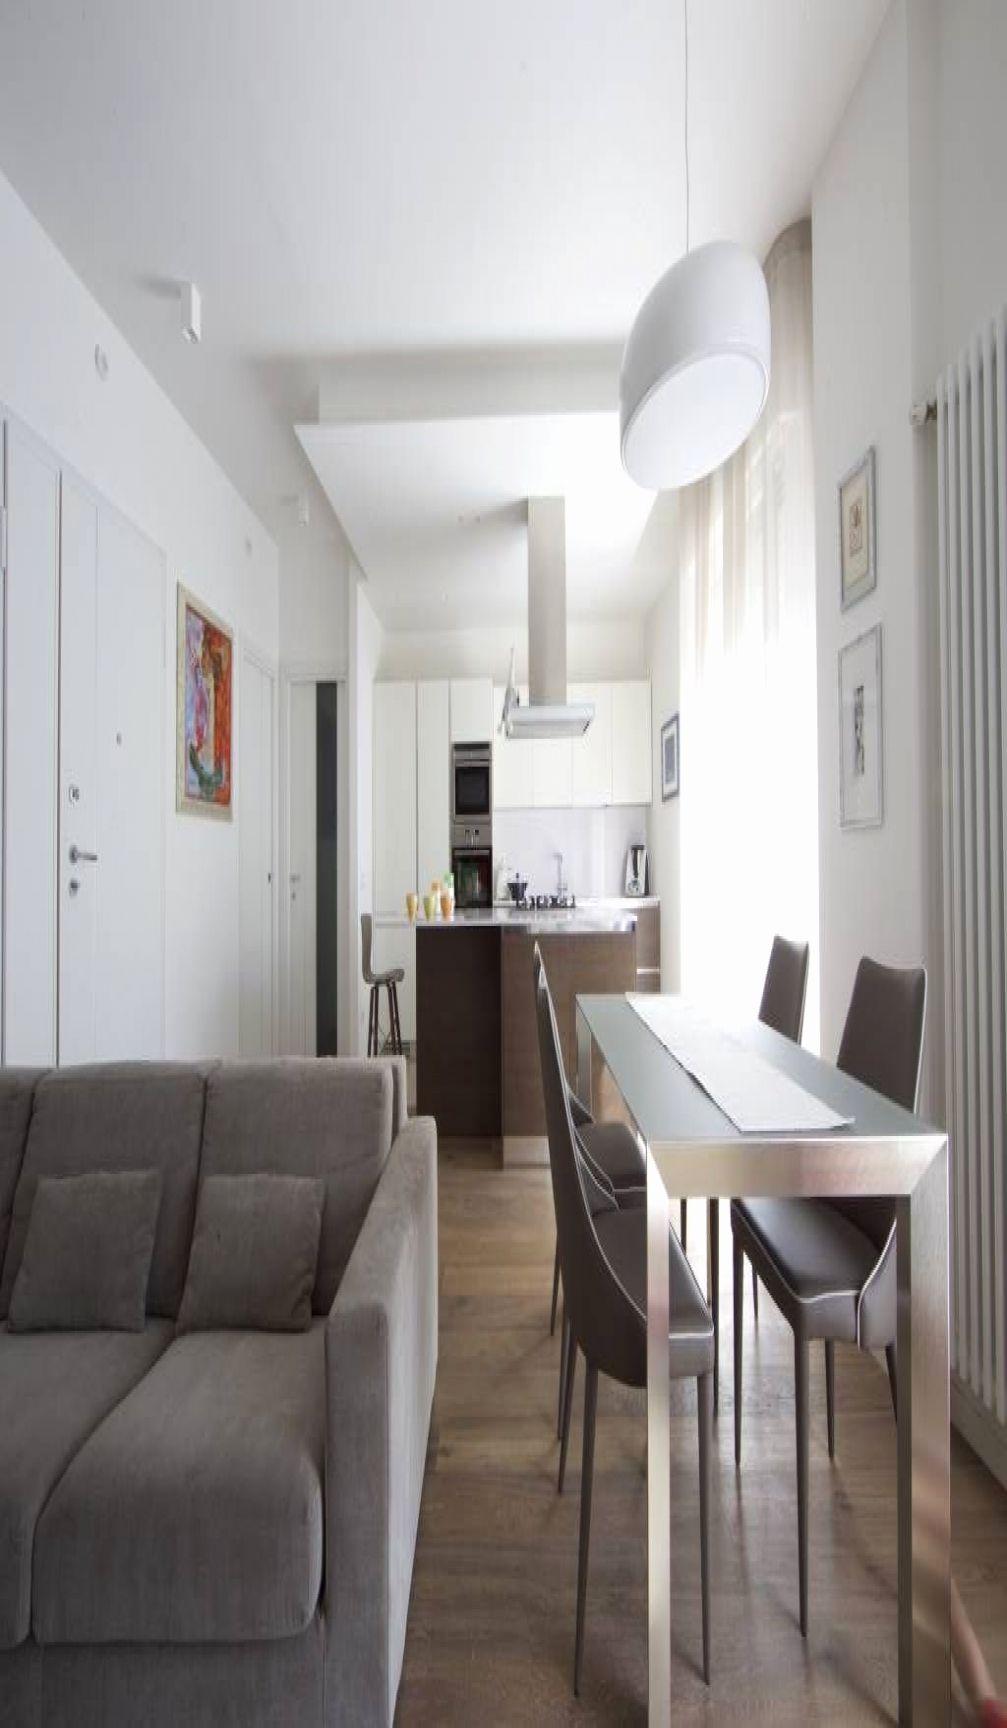 Come Dividere Sala E Cucina inspirational campione 37 idee su come dividere sala da